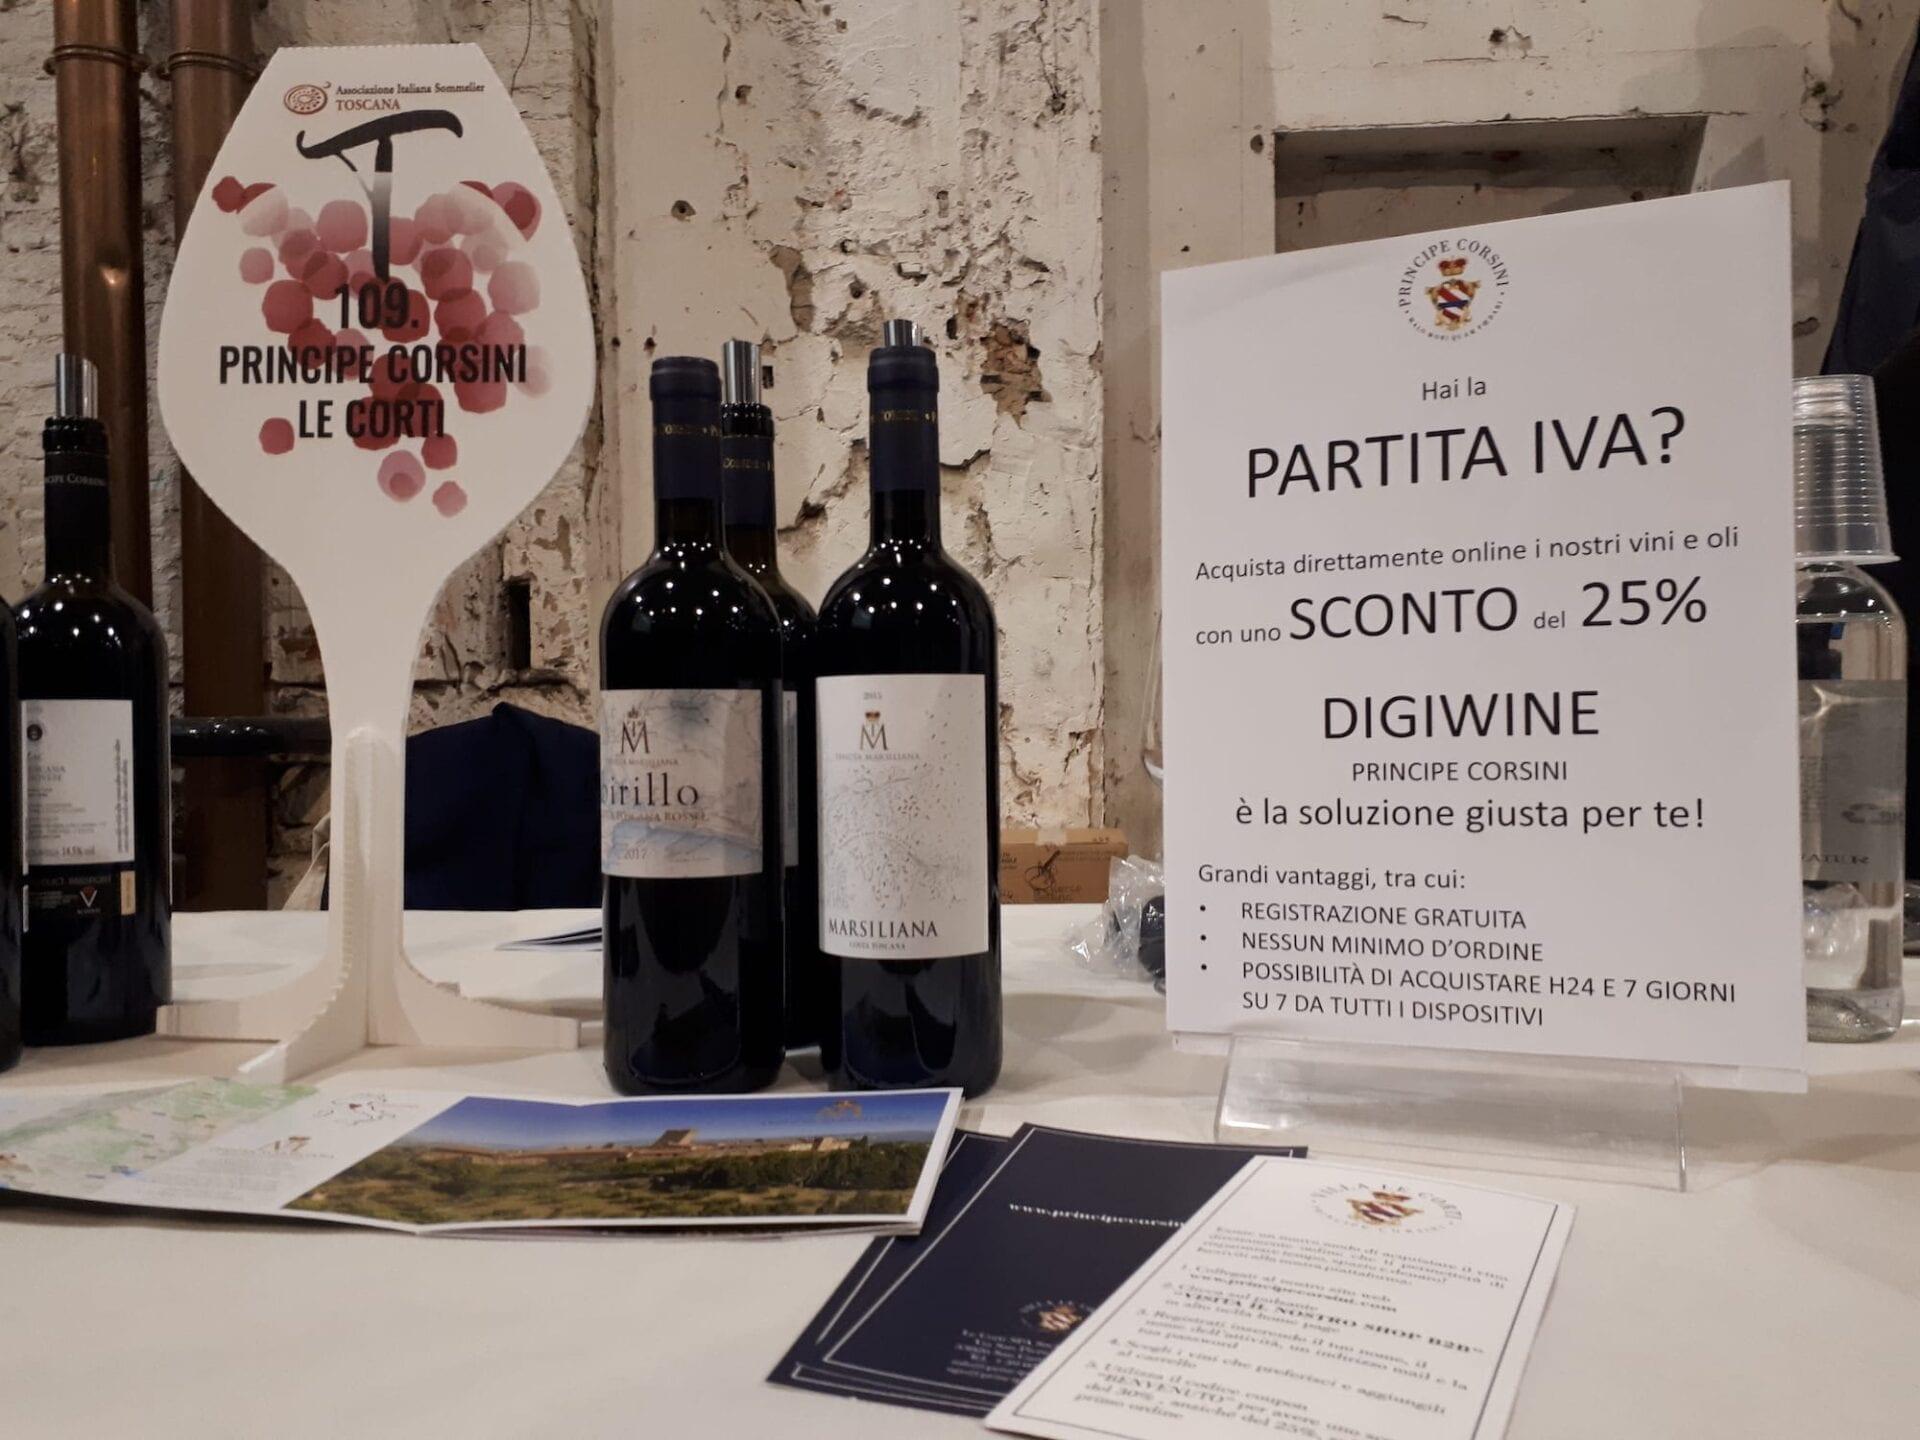 https://principecorsini.s3.eu-central-1.amazonaws.com/wp-content/uploads/2019/12/04164021/Magazine-Principe-Corsini-evento-eccellenza-di-toscana5-scaled.jpg